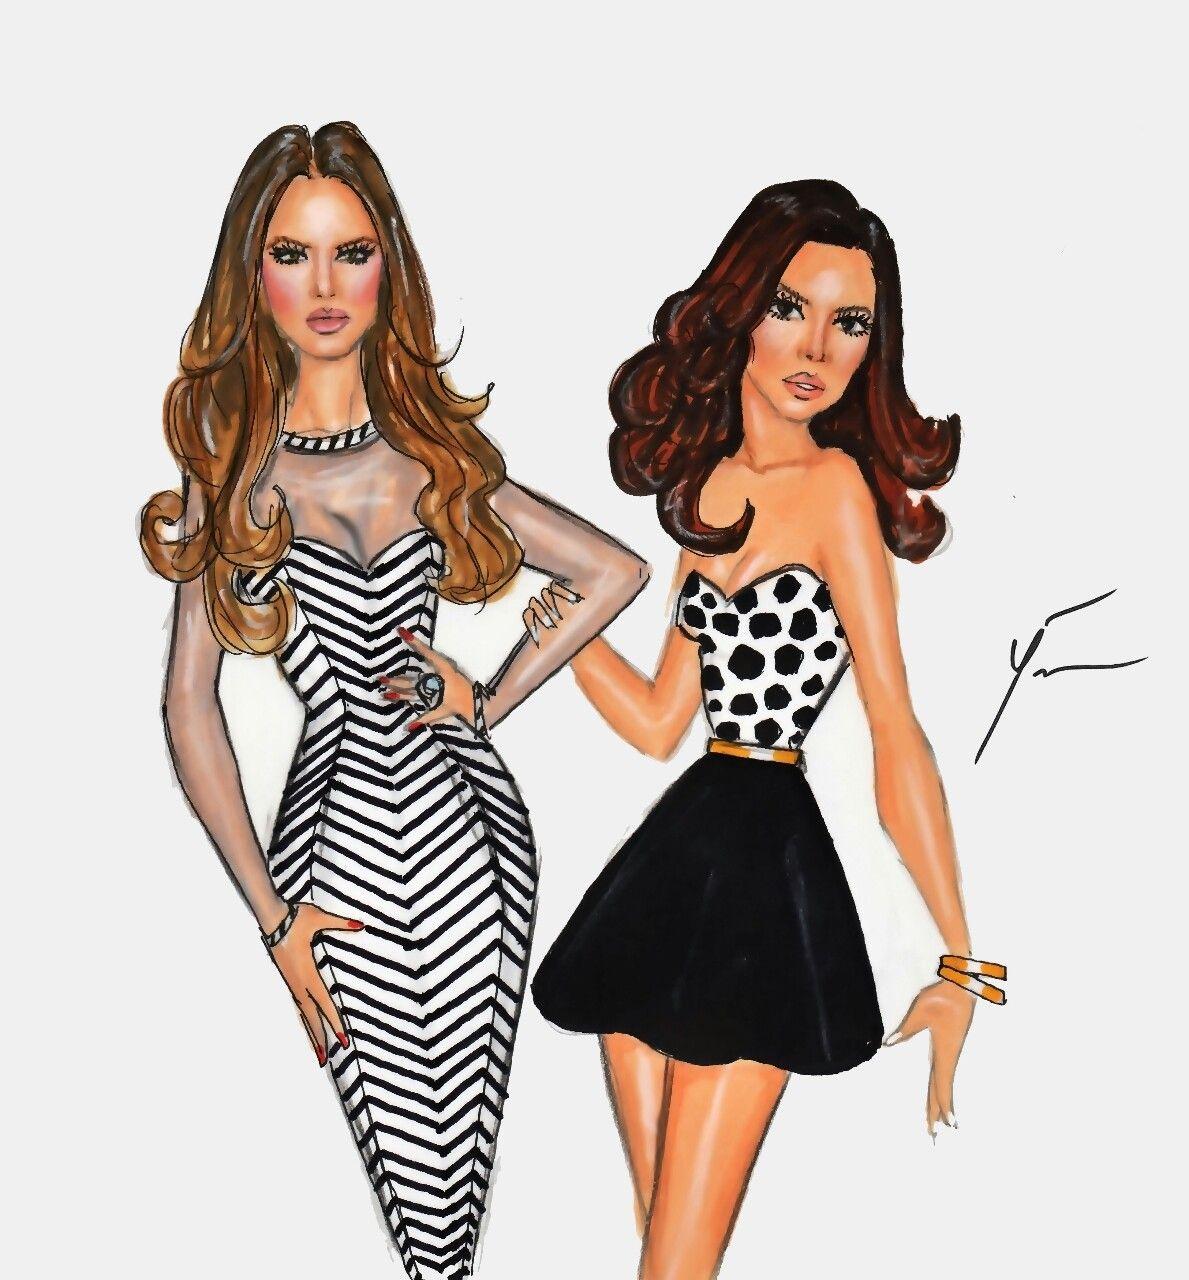 Kardashians 'Khloe & Kourtney' by Yigit Ozcakmak